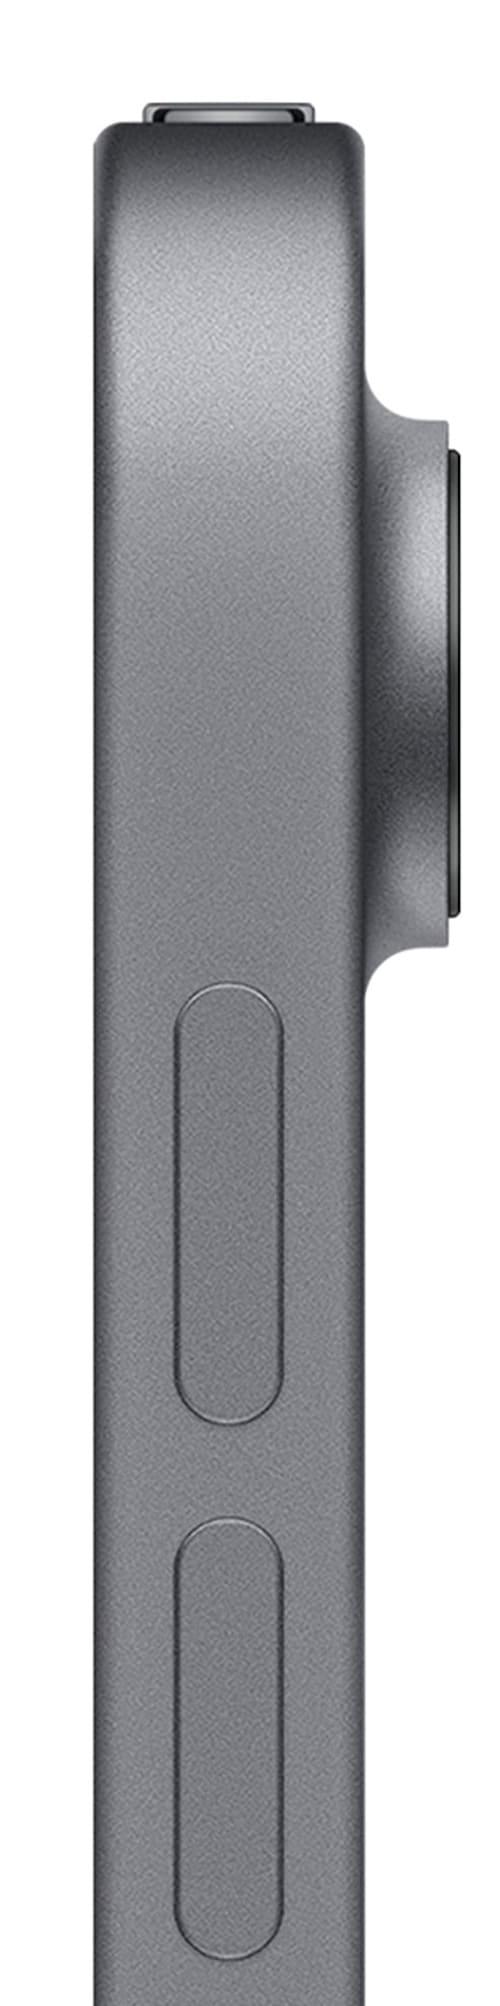 Дизайн iPad Air 4